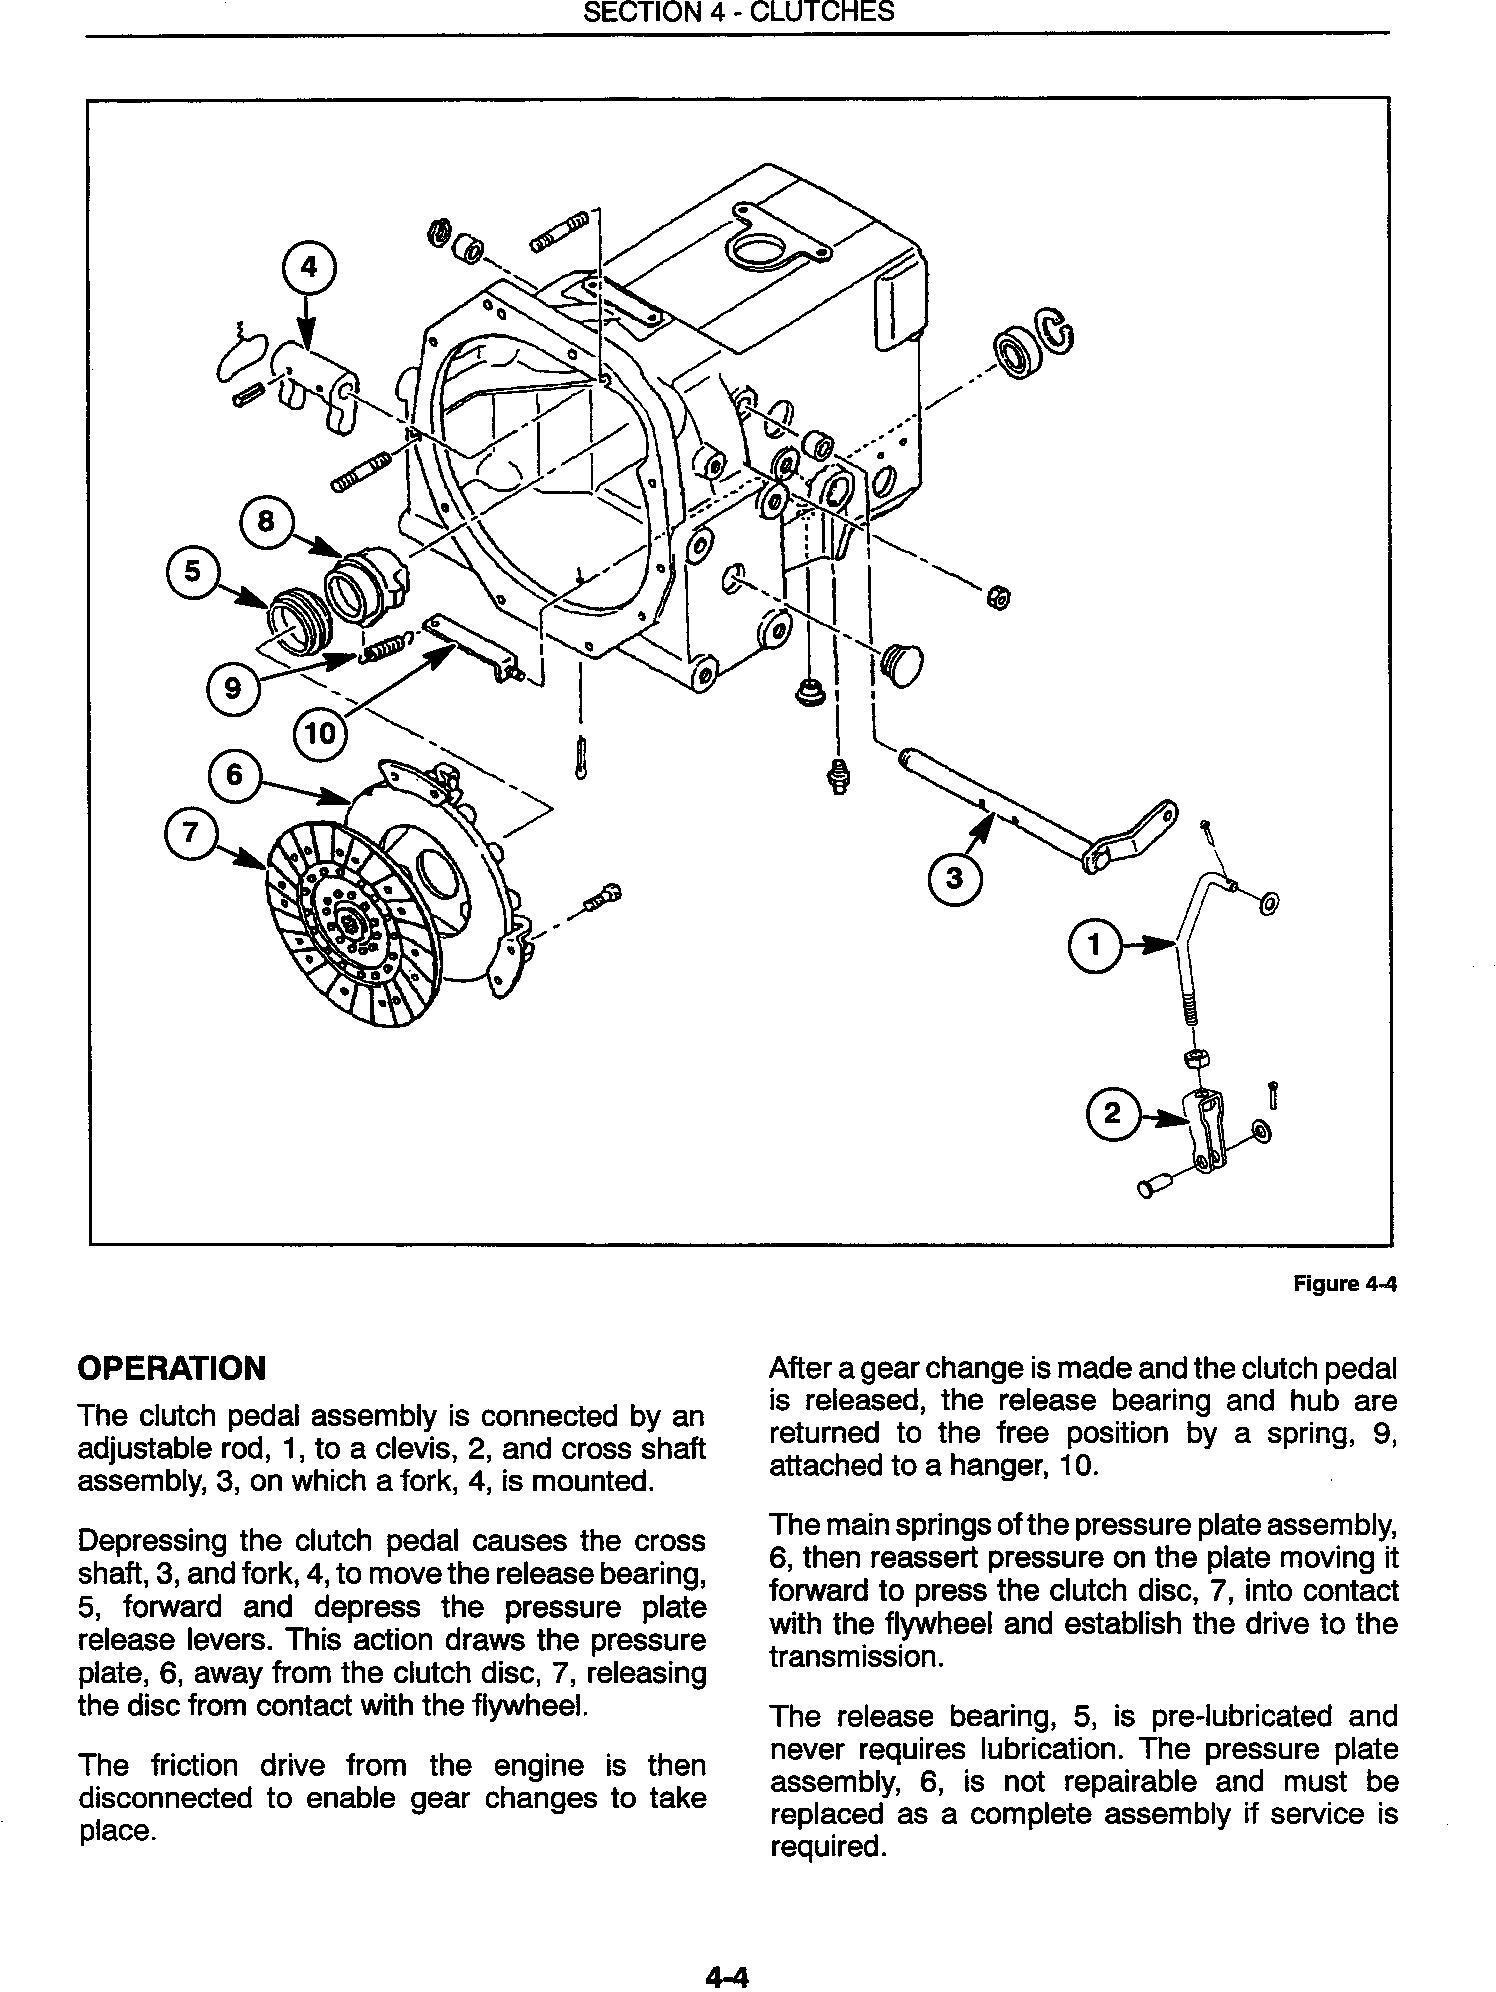 New Holland 1530, 1630, 1725, 1925, TC25, TC25D, TC29, TC29D, TC33, TC33D Tractors Service Manual - 3